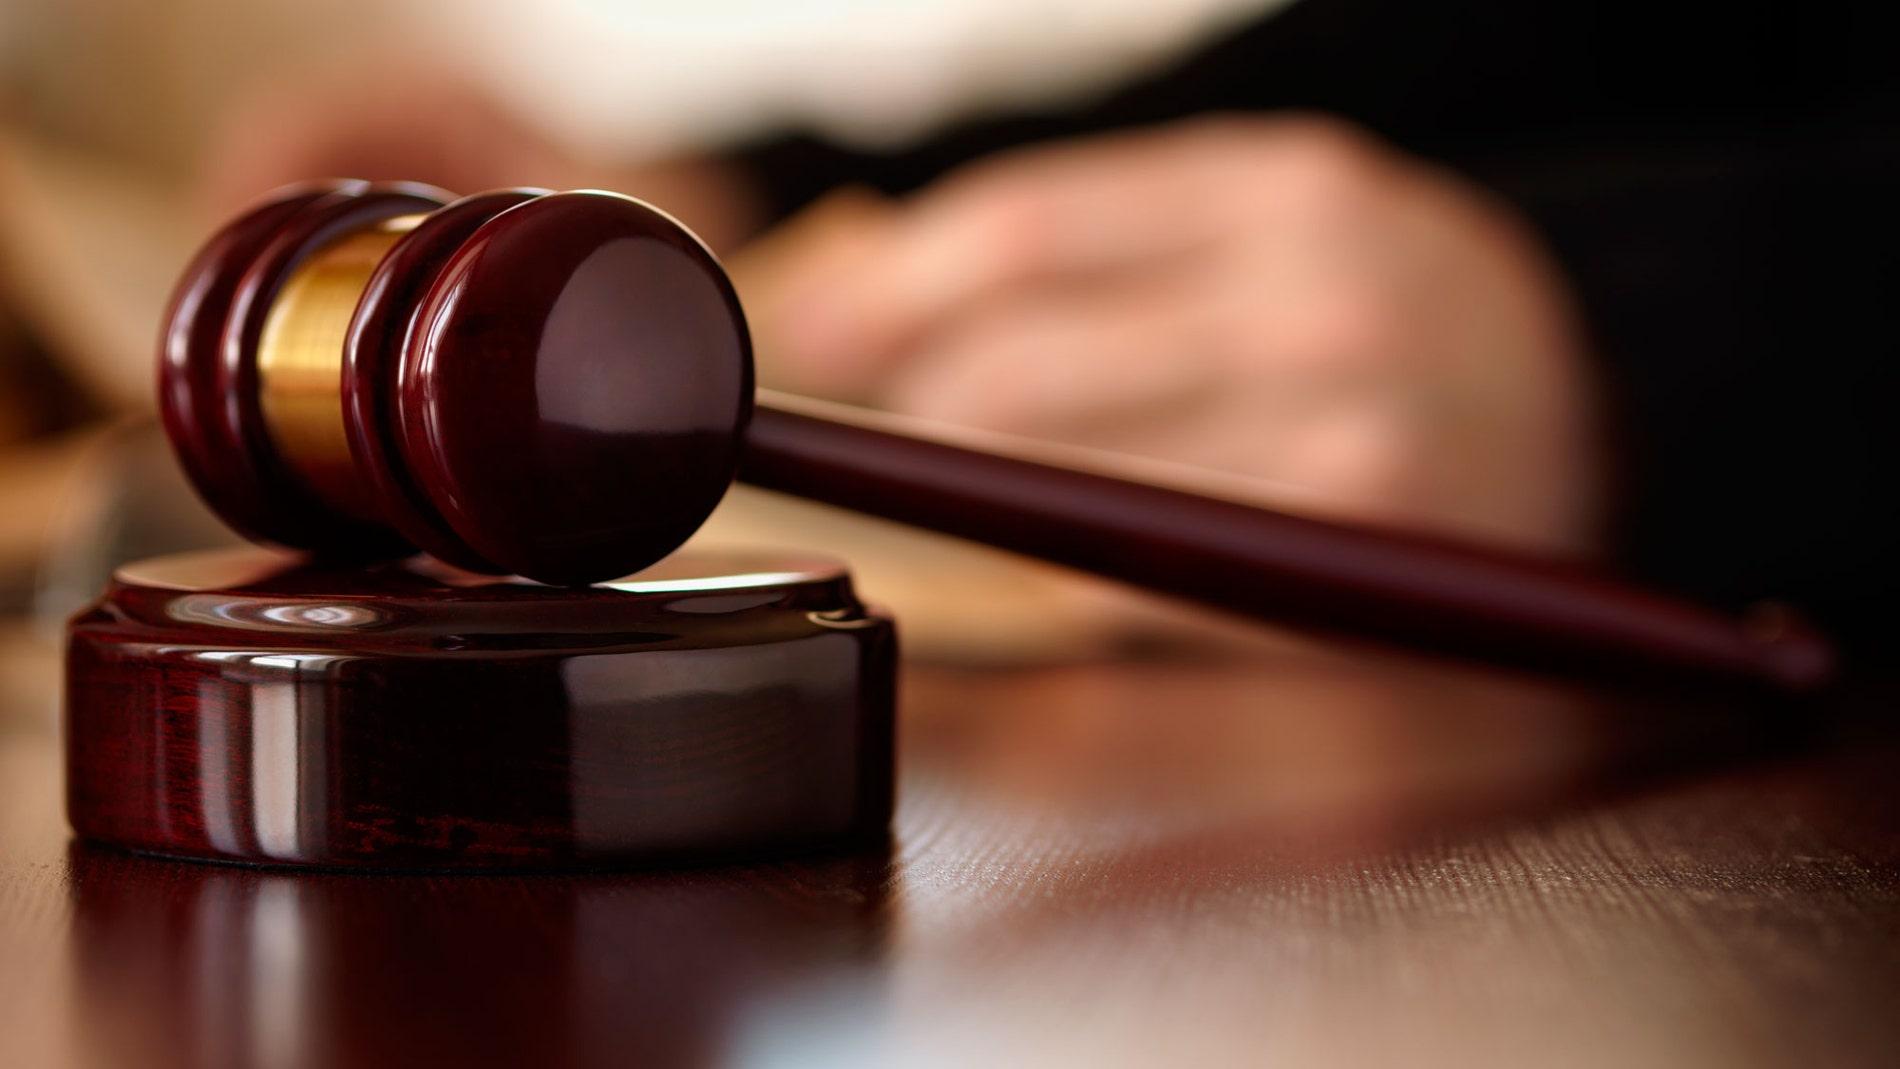 La red y el rigor jurídico no están reñidos